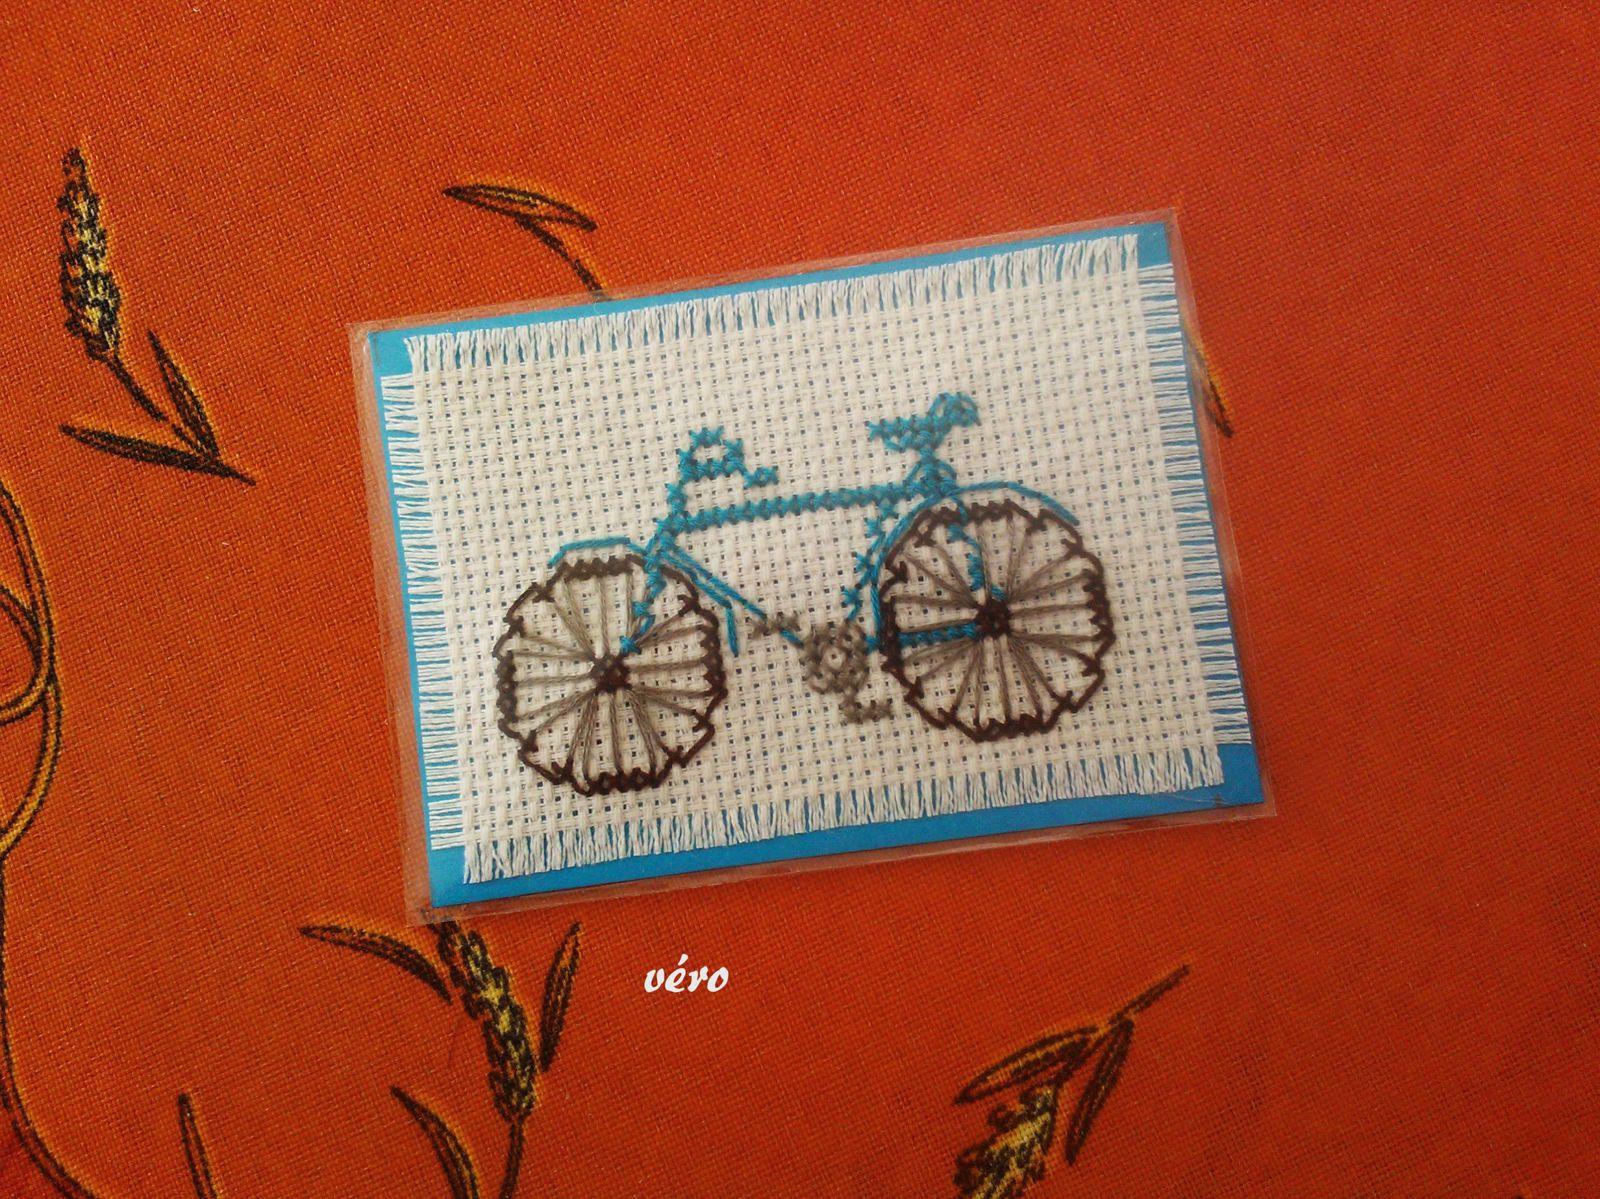 Véro en bicyclette bleue, Cathy sur une bicyclette à l'ancienne, Martine et son panier à champignons , Jenny sur une bicyclette de ville et Ysa en bicyclette bleue